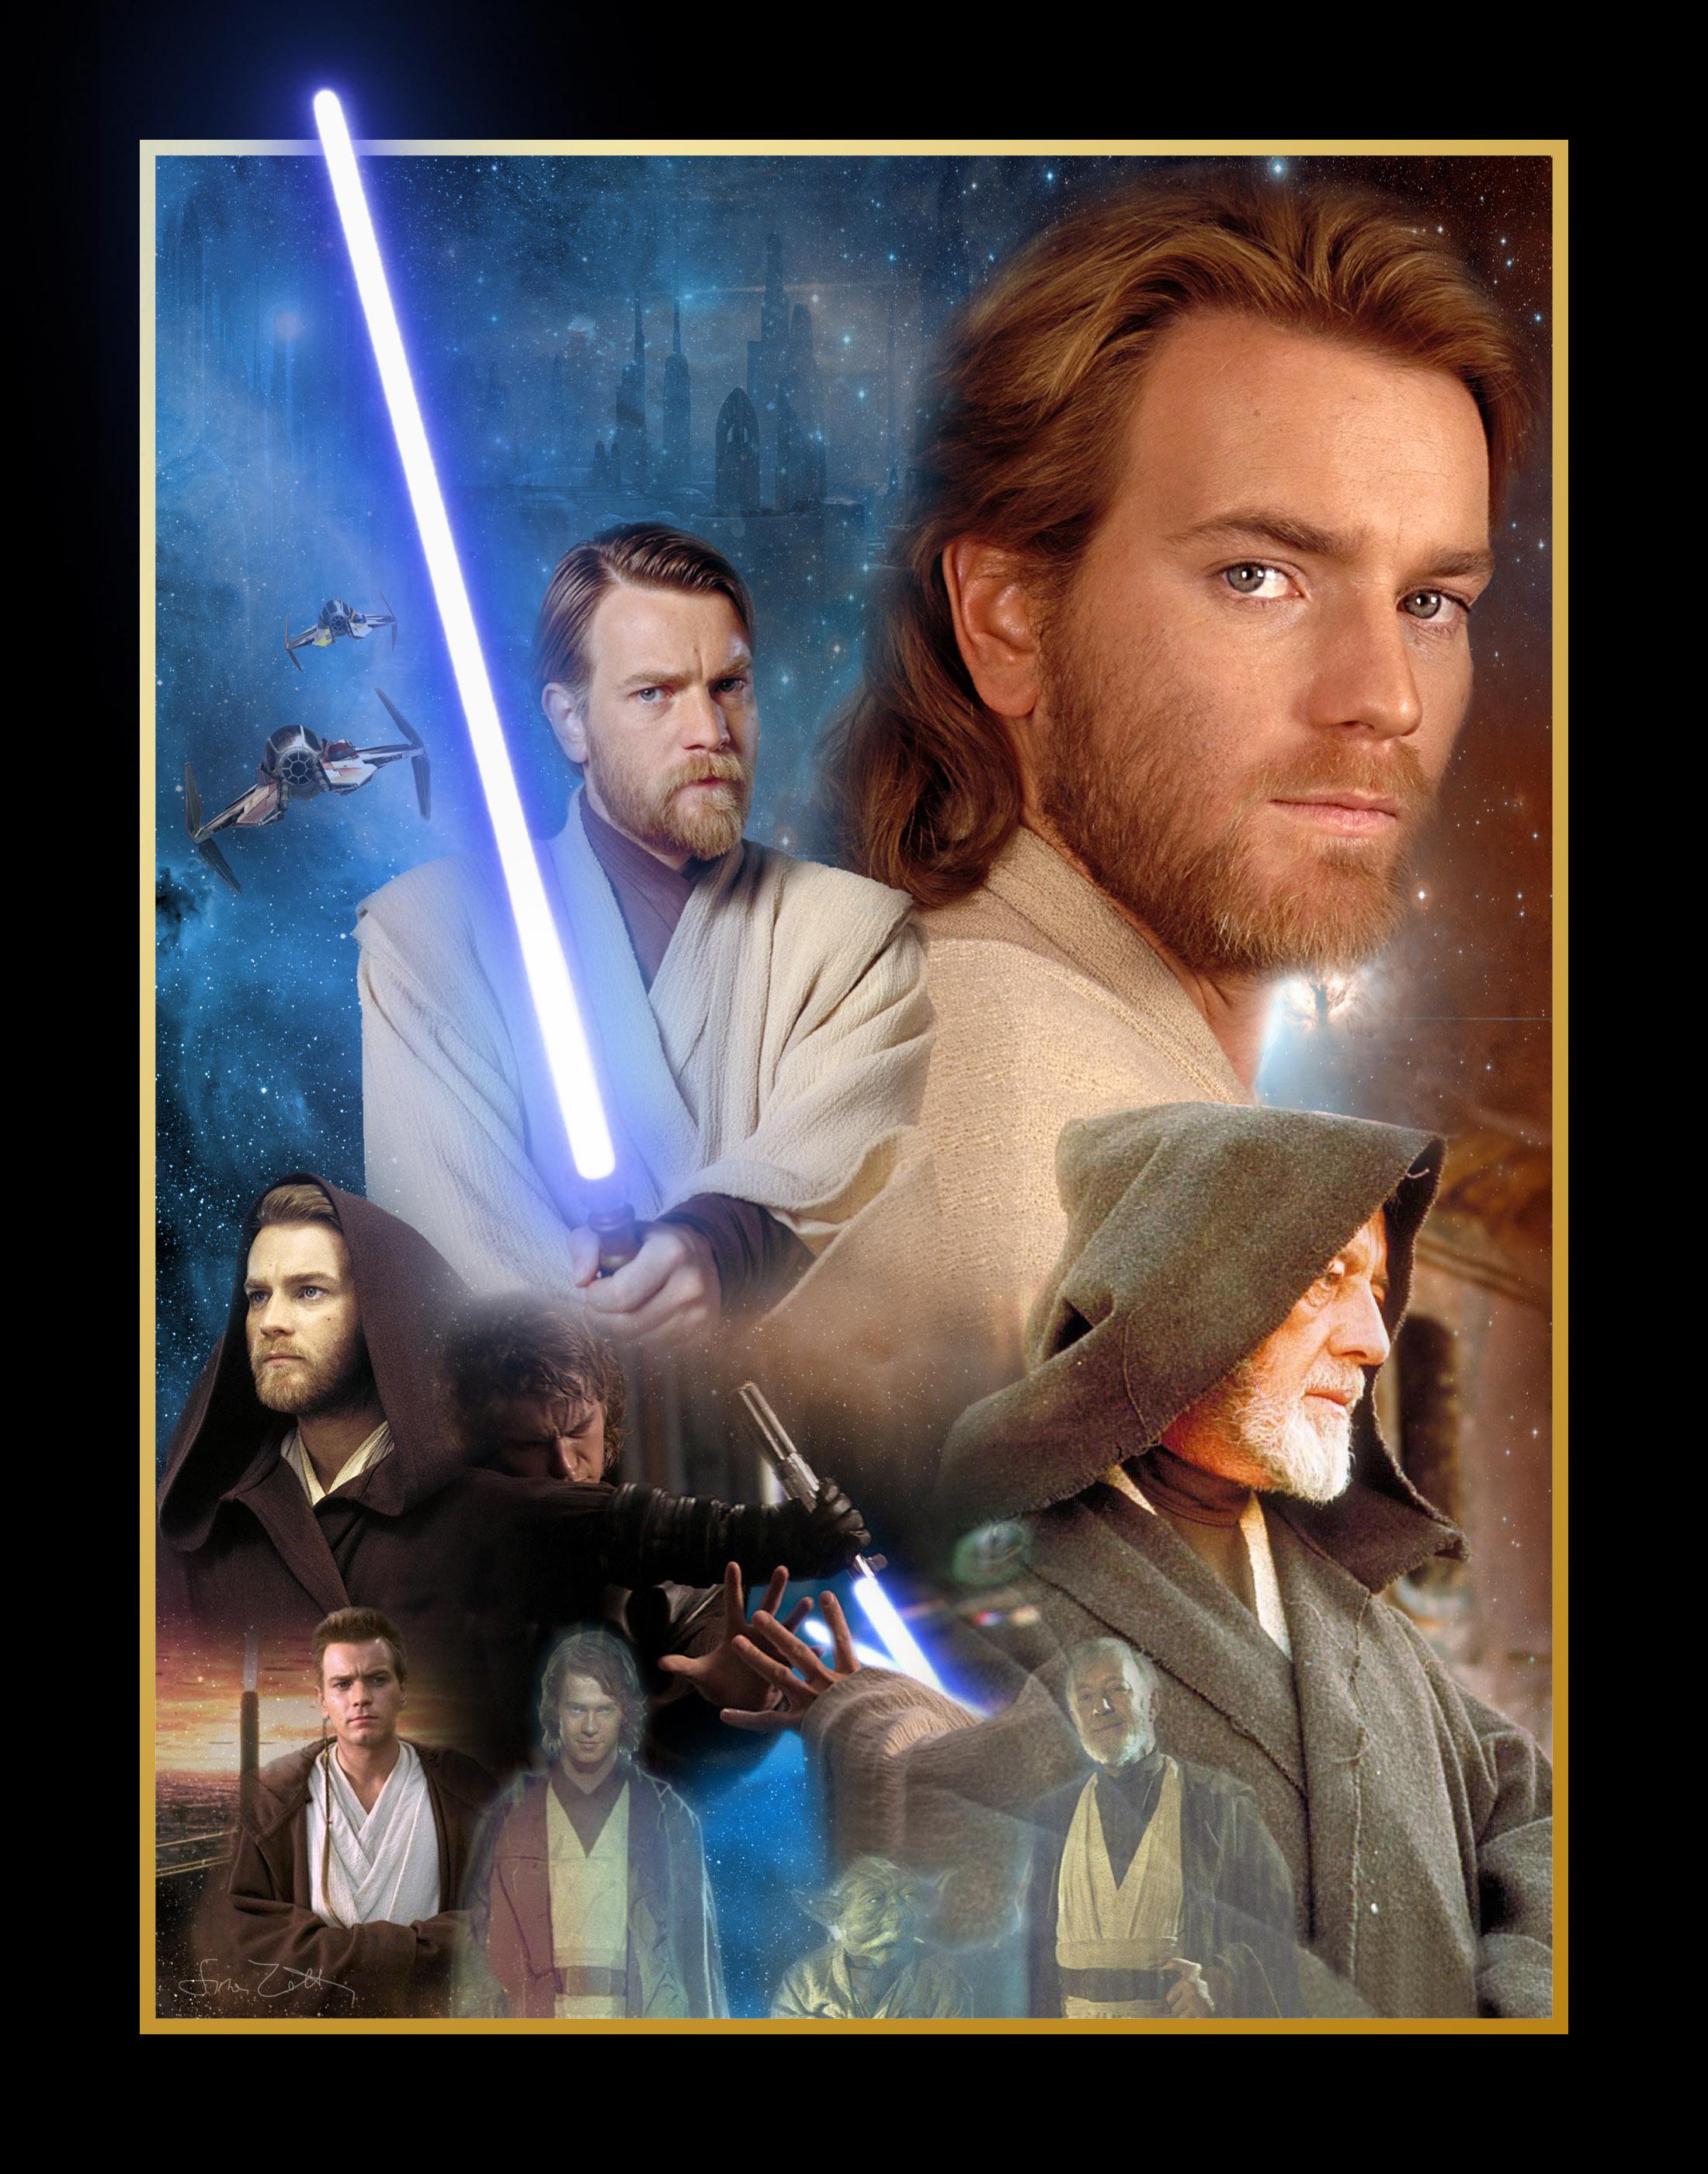 Star Wars Ewan Mcgregor Anakin Skywalker Hayden Christensen Obi